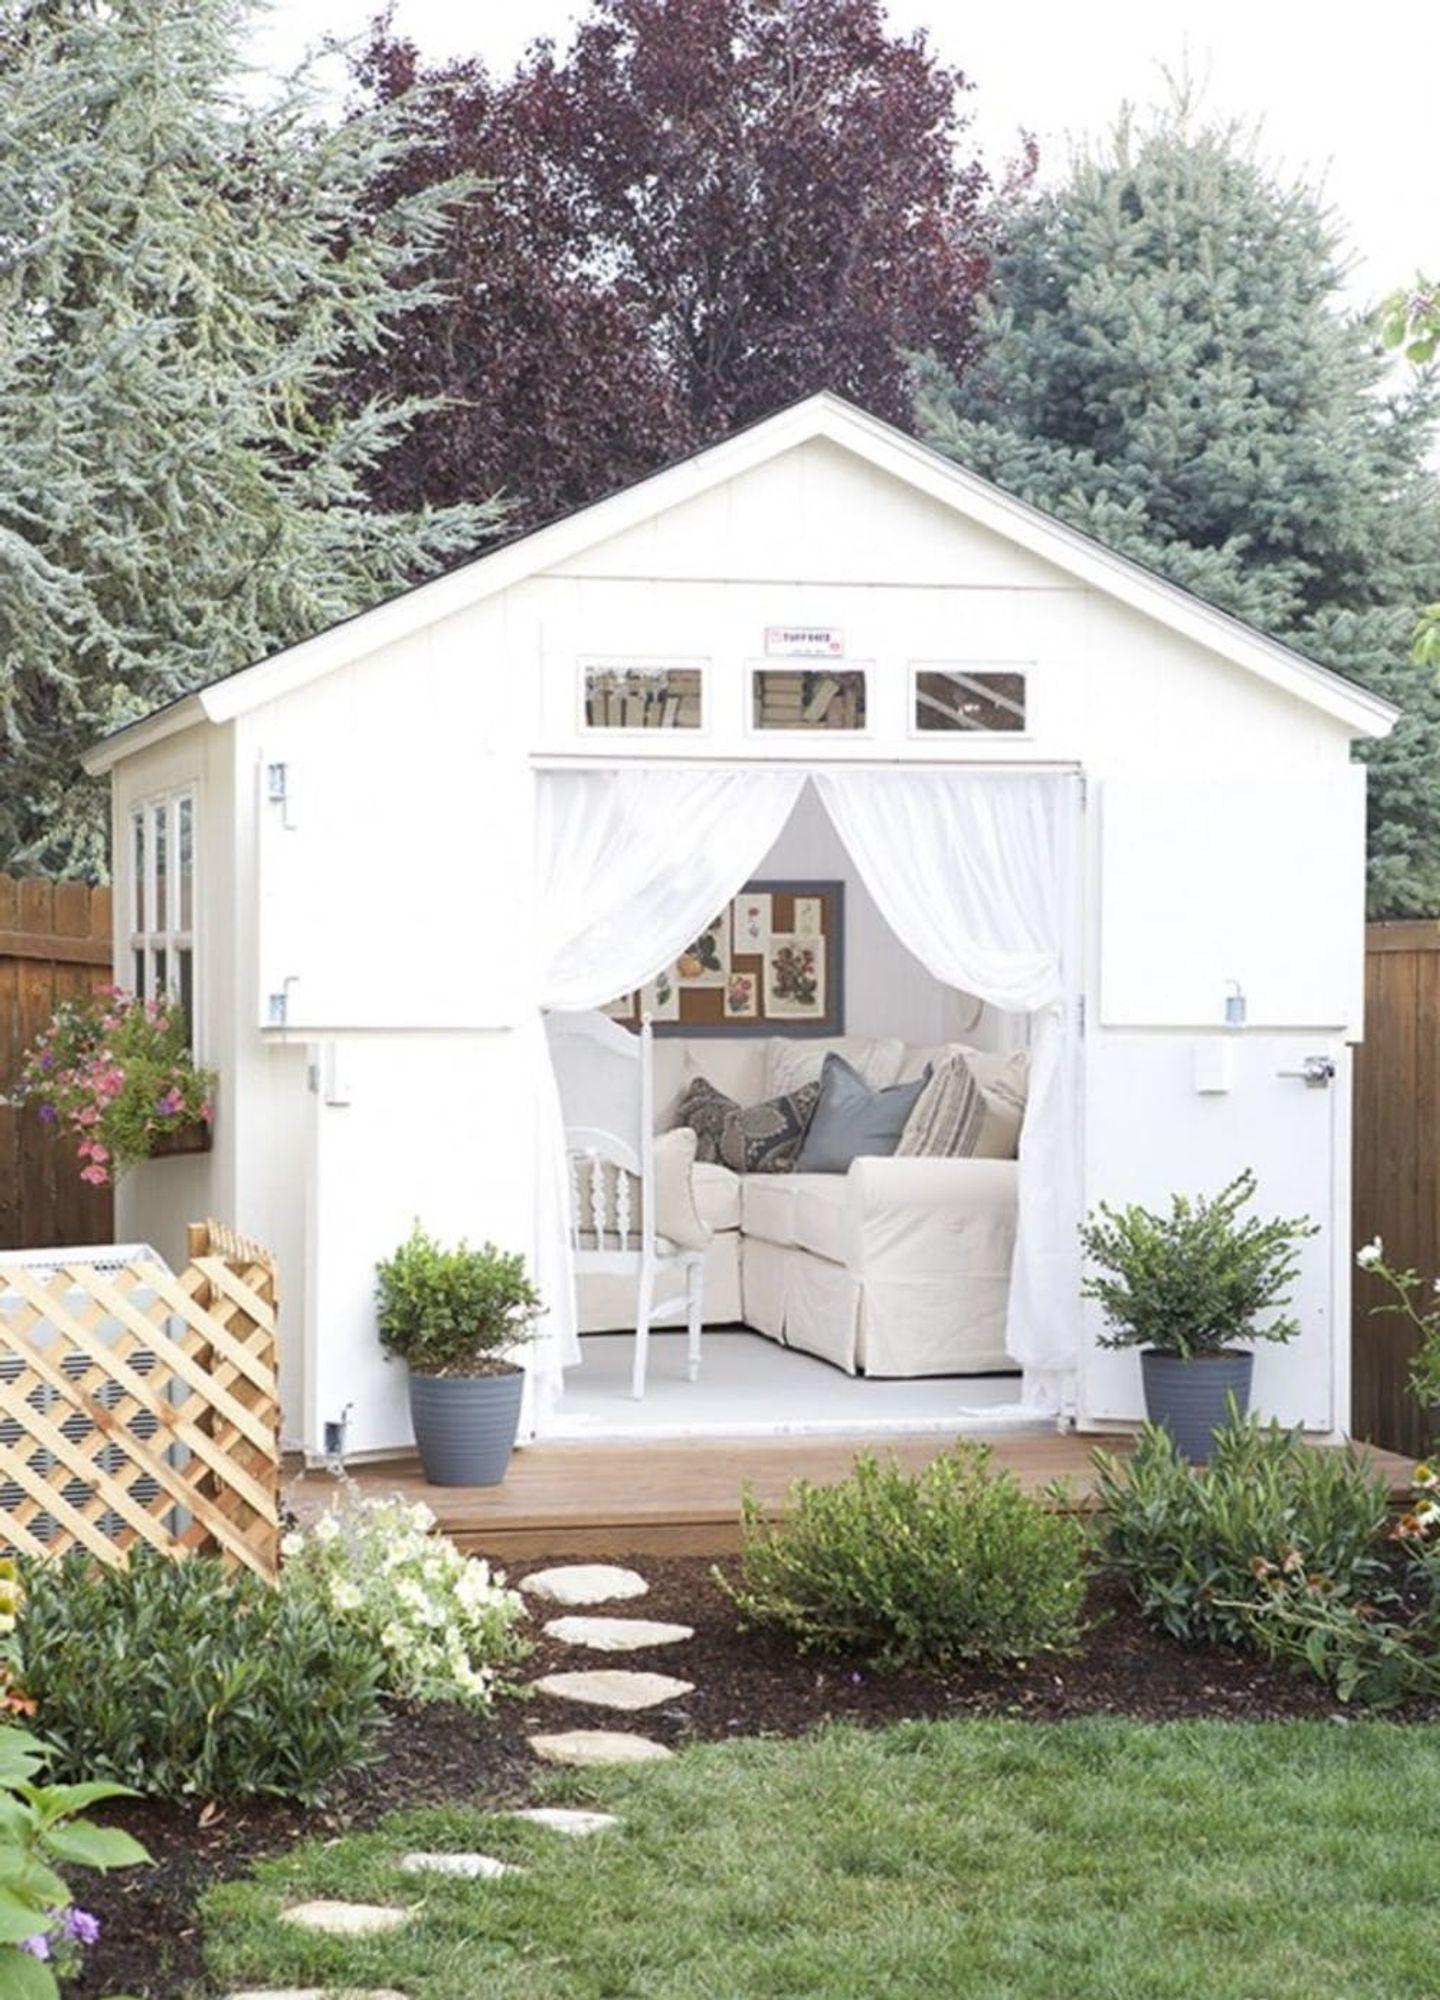 6 ngôi nhà nhỏ được cải tạo lại từ nhà kho cũ khiến bạn bất ngờ-1